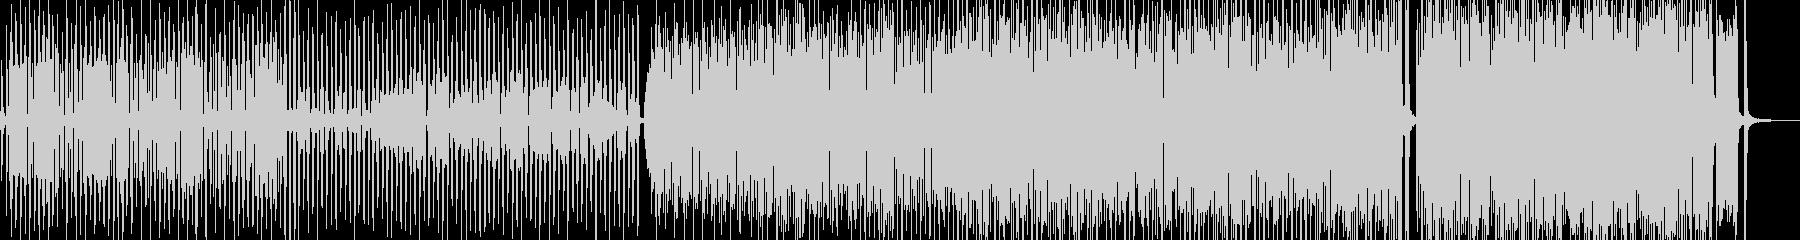 滑稽な三味線・おマヌケポップ A2の未再生の波形